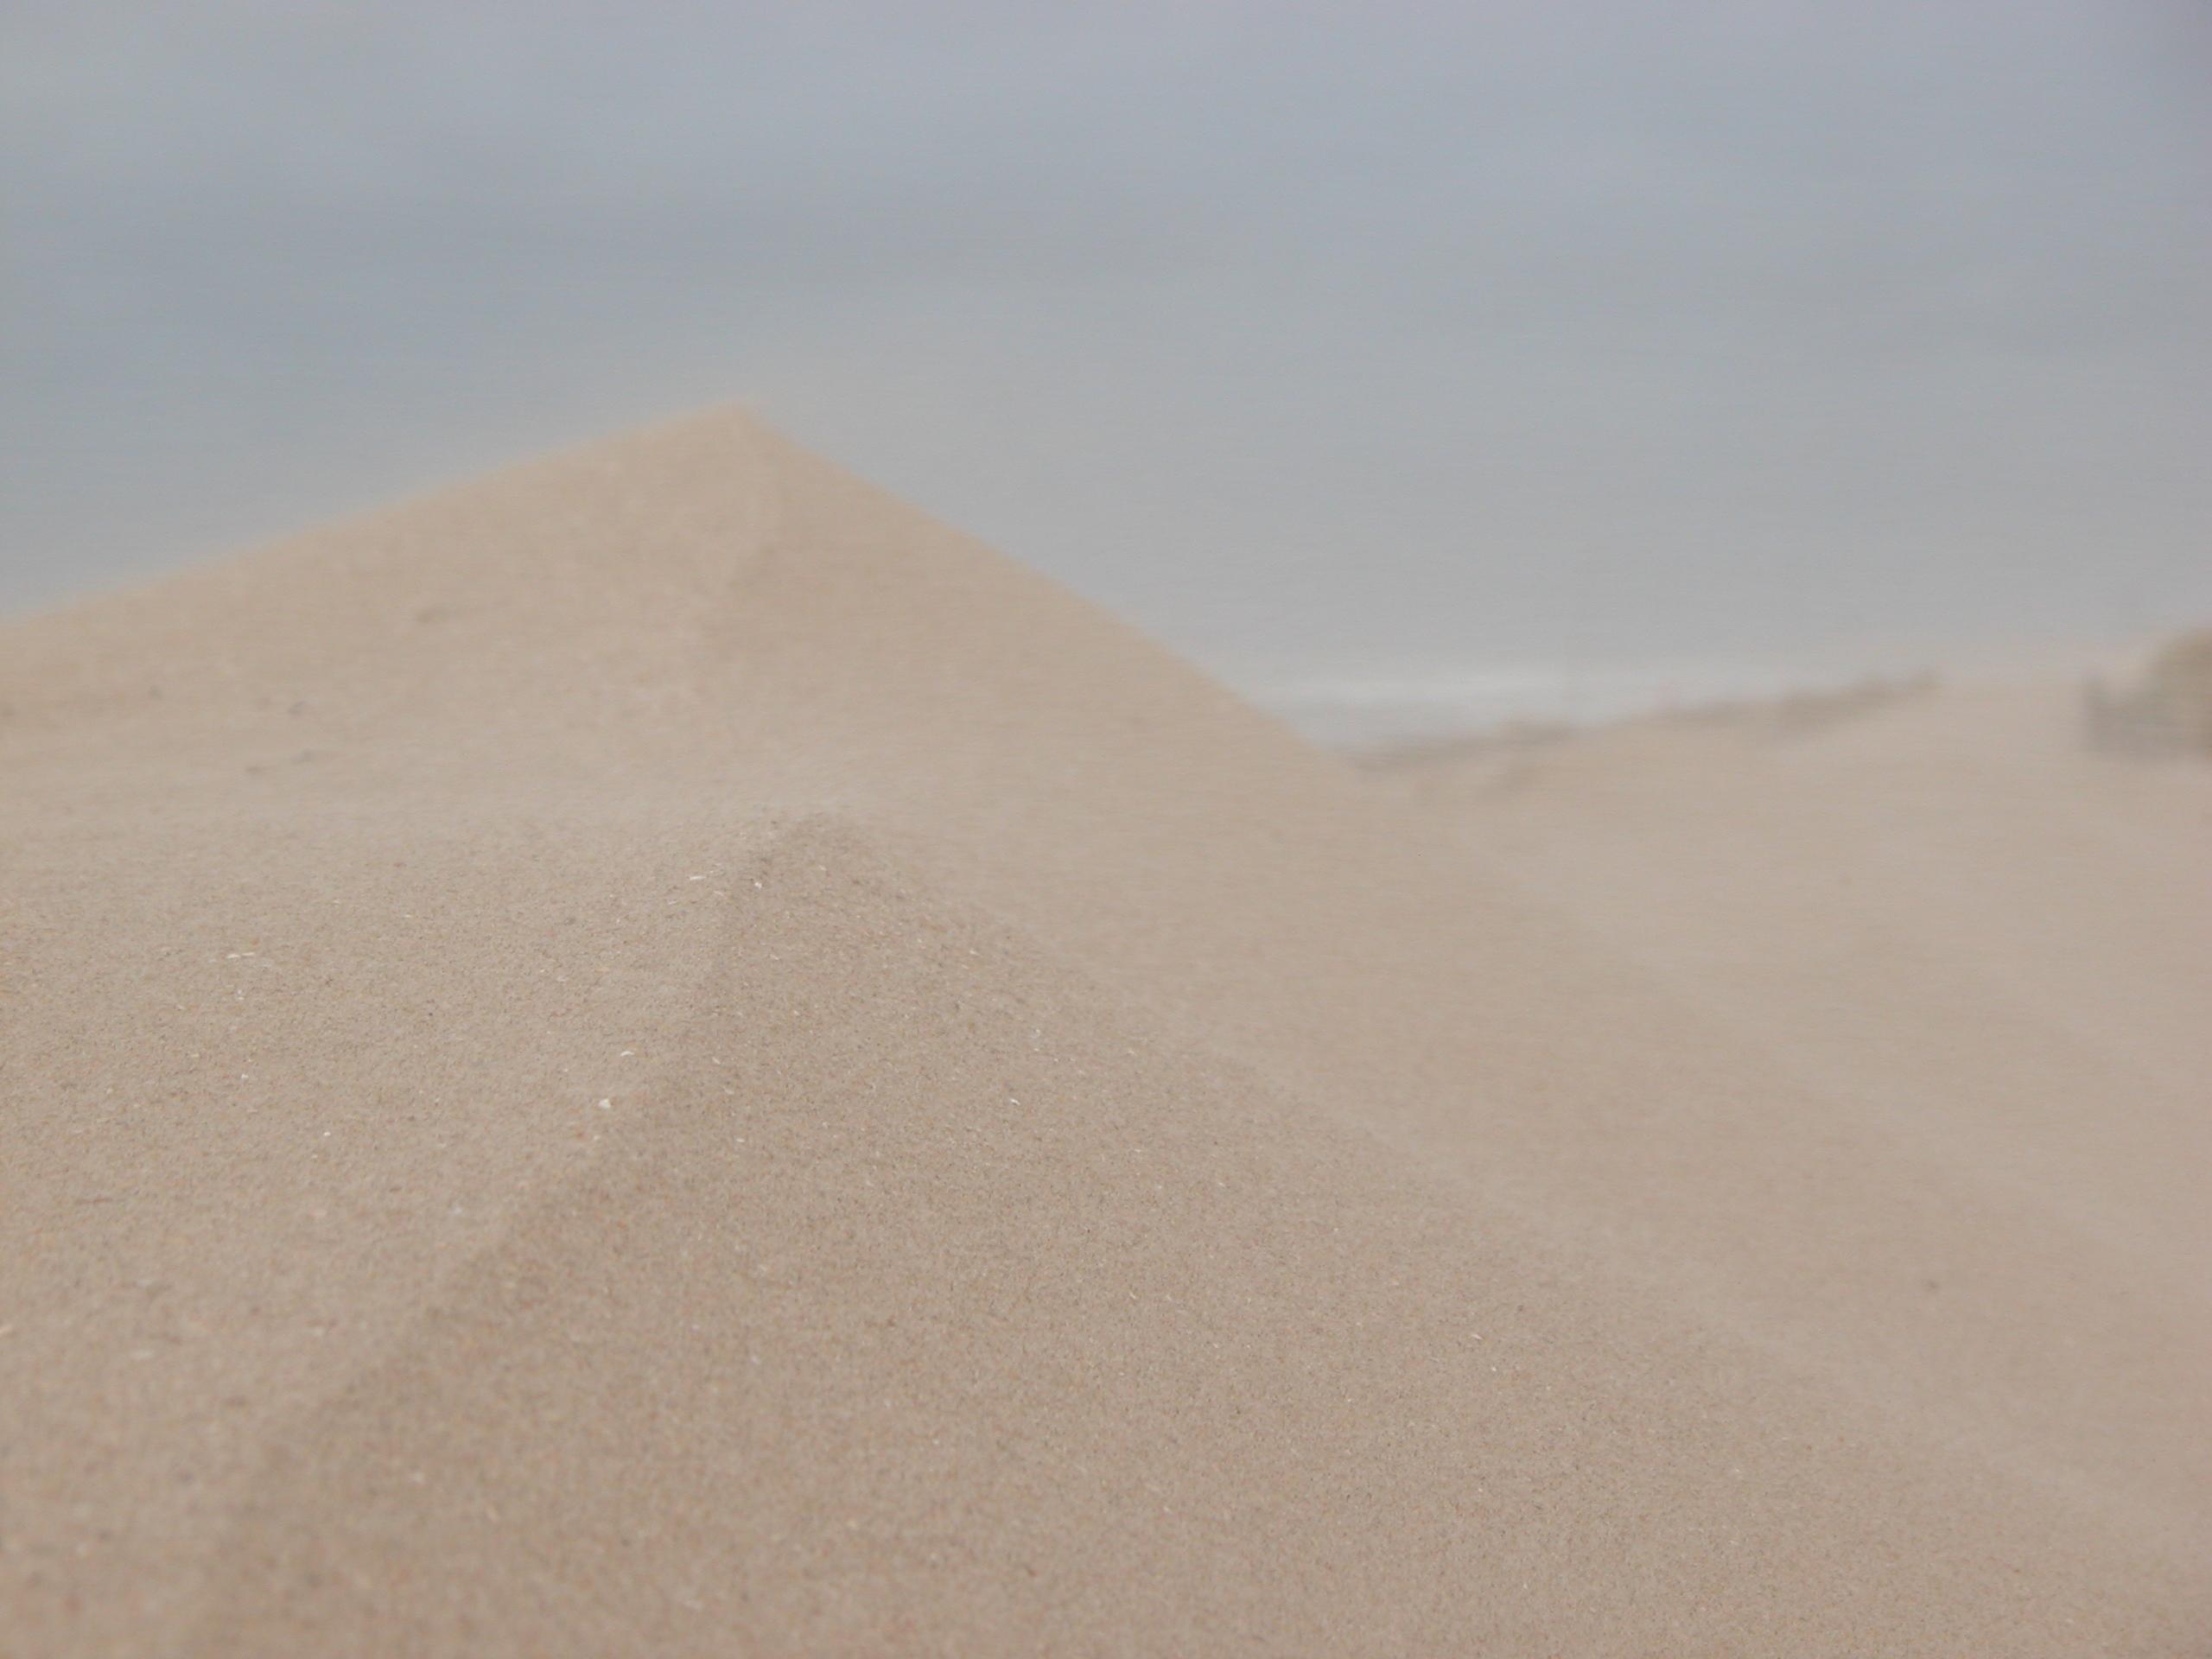 sand dune dry desert gray hill heap